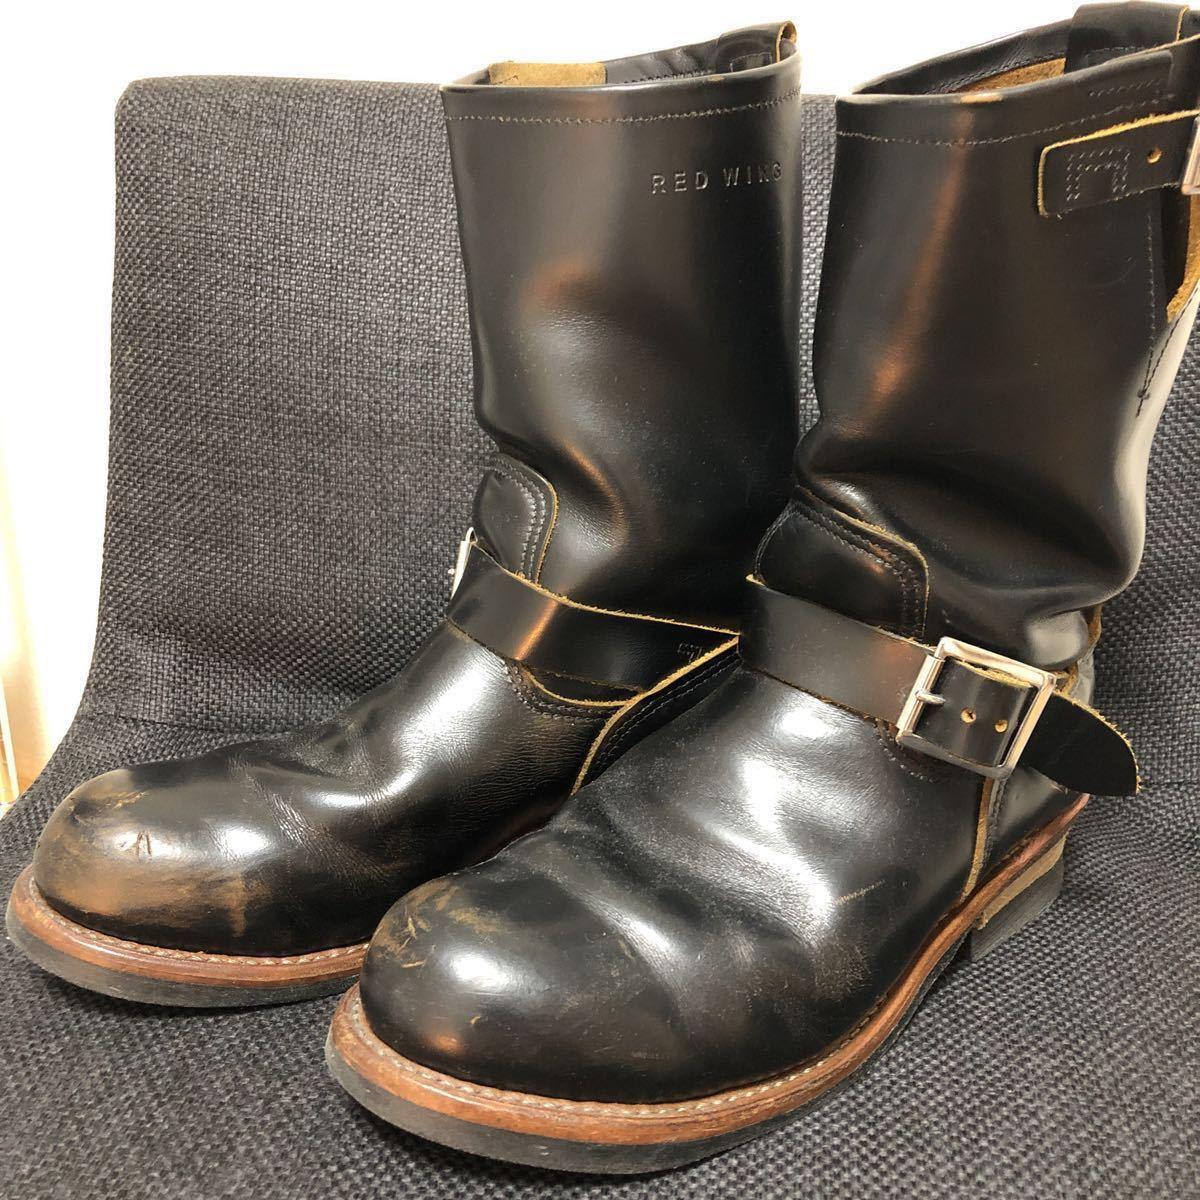 RED WING(レッドウィング) 9268 Engineer Boots(エンジニアブーツ スチールあり) ブラック・クロンダイク 茶芯_画像2